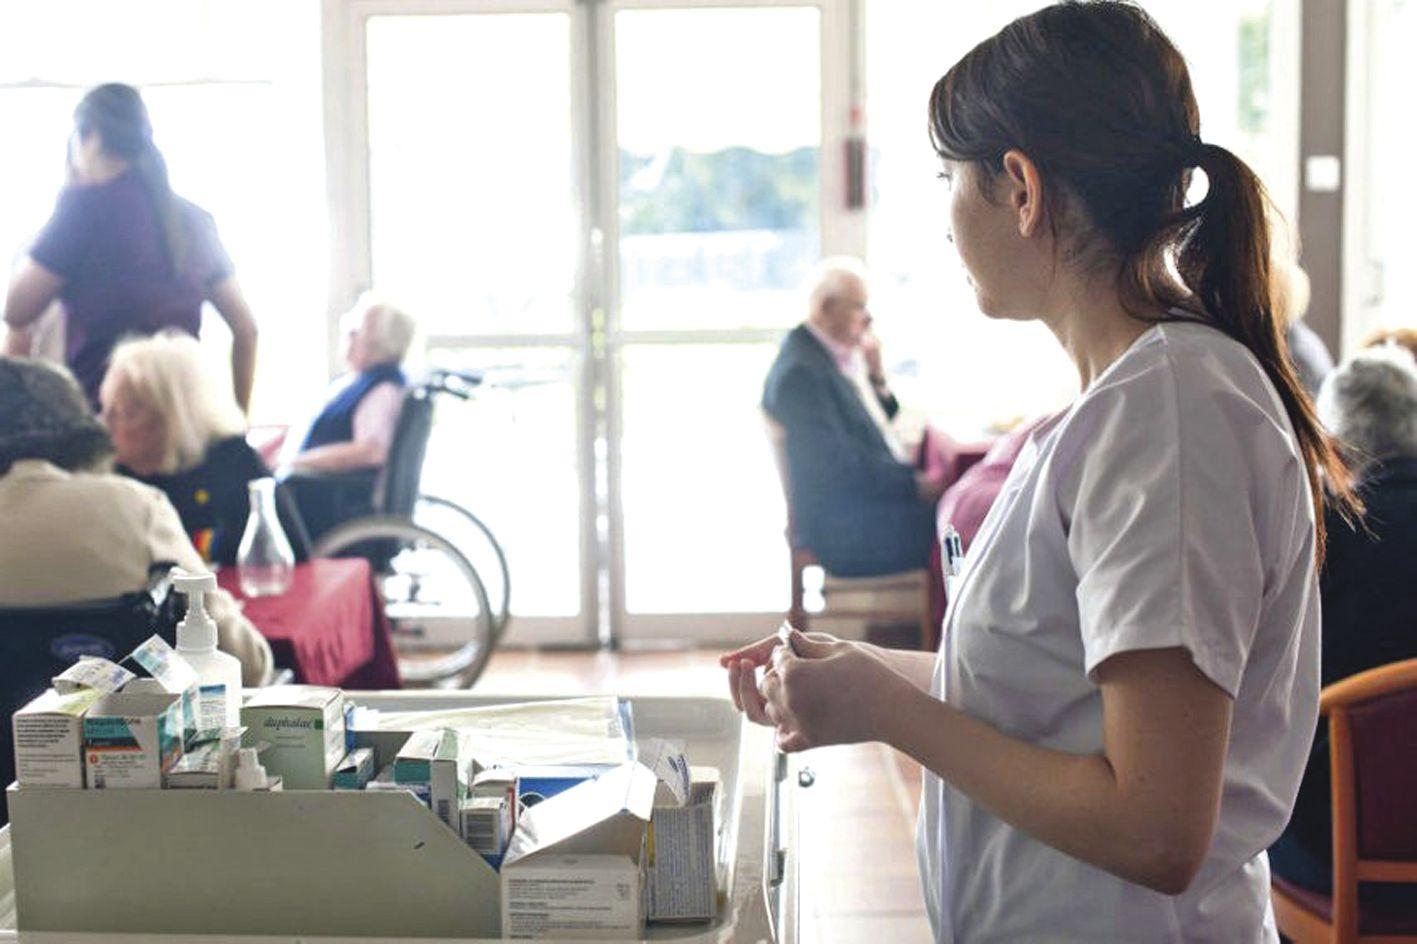 D'après une étude de la Mutualité française, l'hébergement en maison de retraite coûte en moyenne 2 000 euros par mois aux plus dépendants, alors que les retraités touchent en moyenne 1 500 euros de pension. Souvent les familles payent le reste à charge.